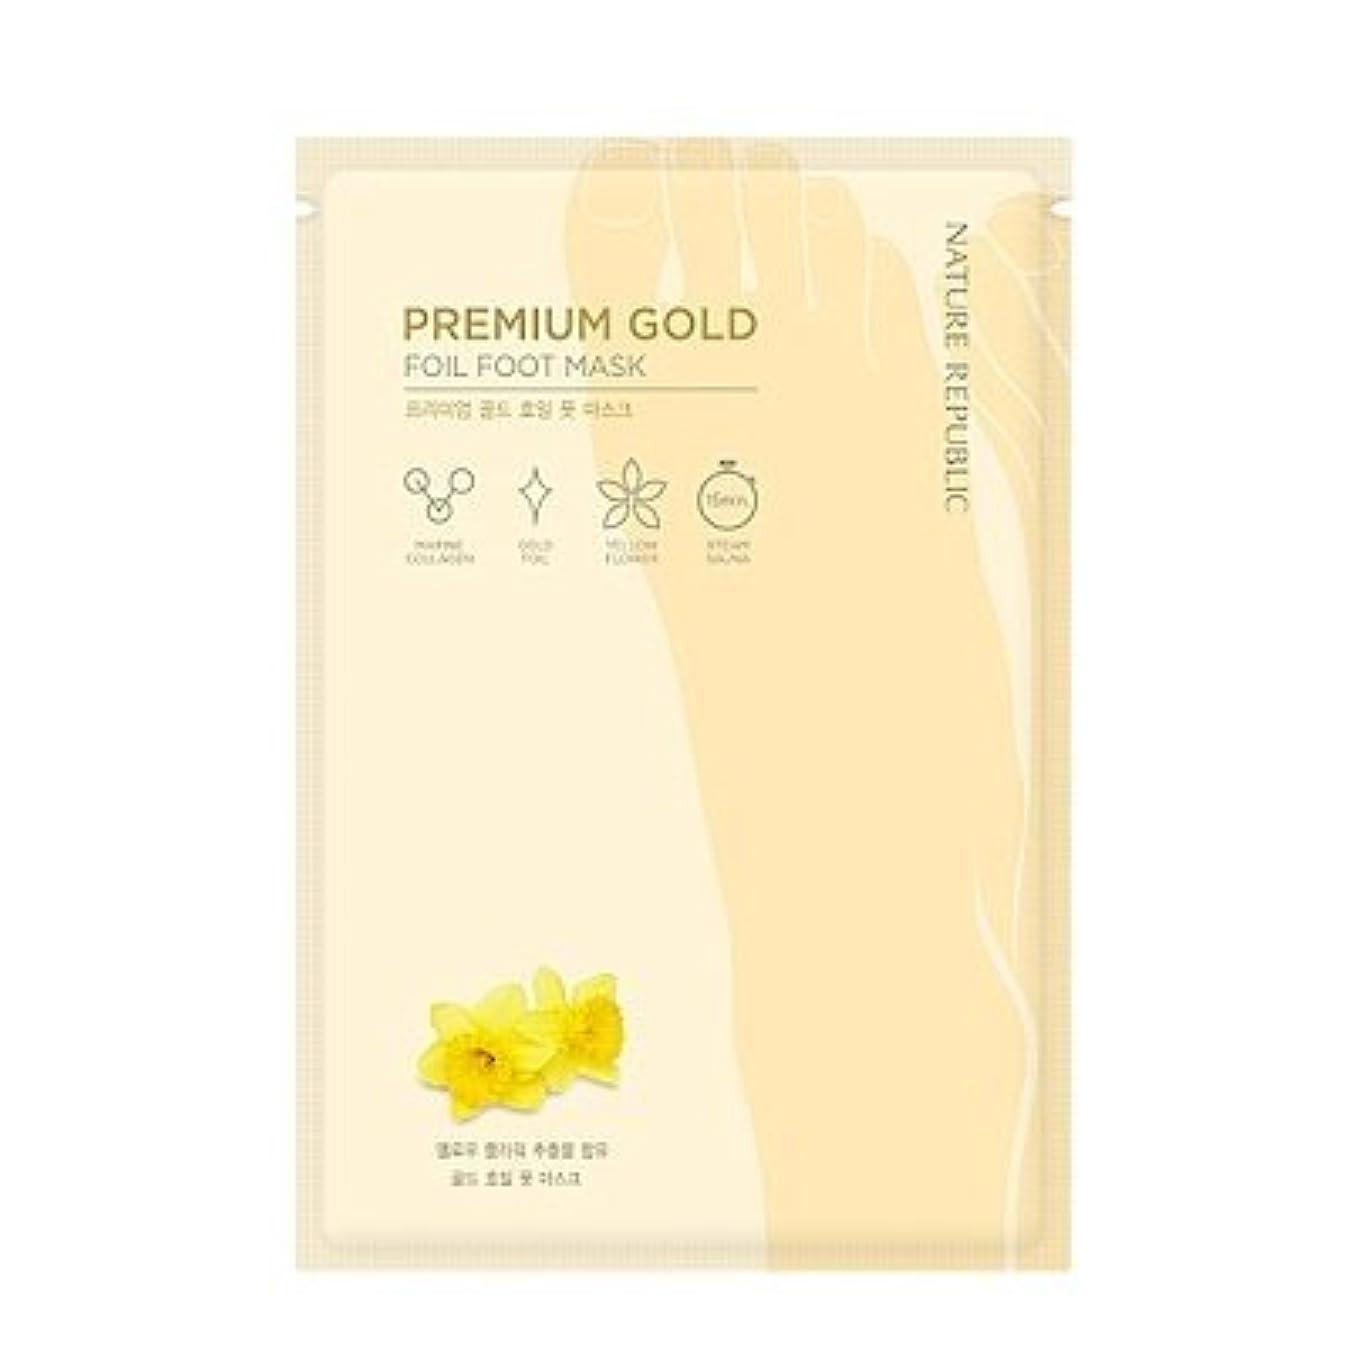 へこみ役立つ製造業NATURE REPUBLIC Premium Gold Foil Foot Mask(3EA) / ネイチャーリパブリックプレミアムゴールドホイルフットマスク(3枚) [並行輸入品]